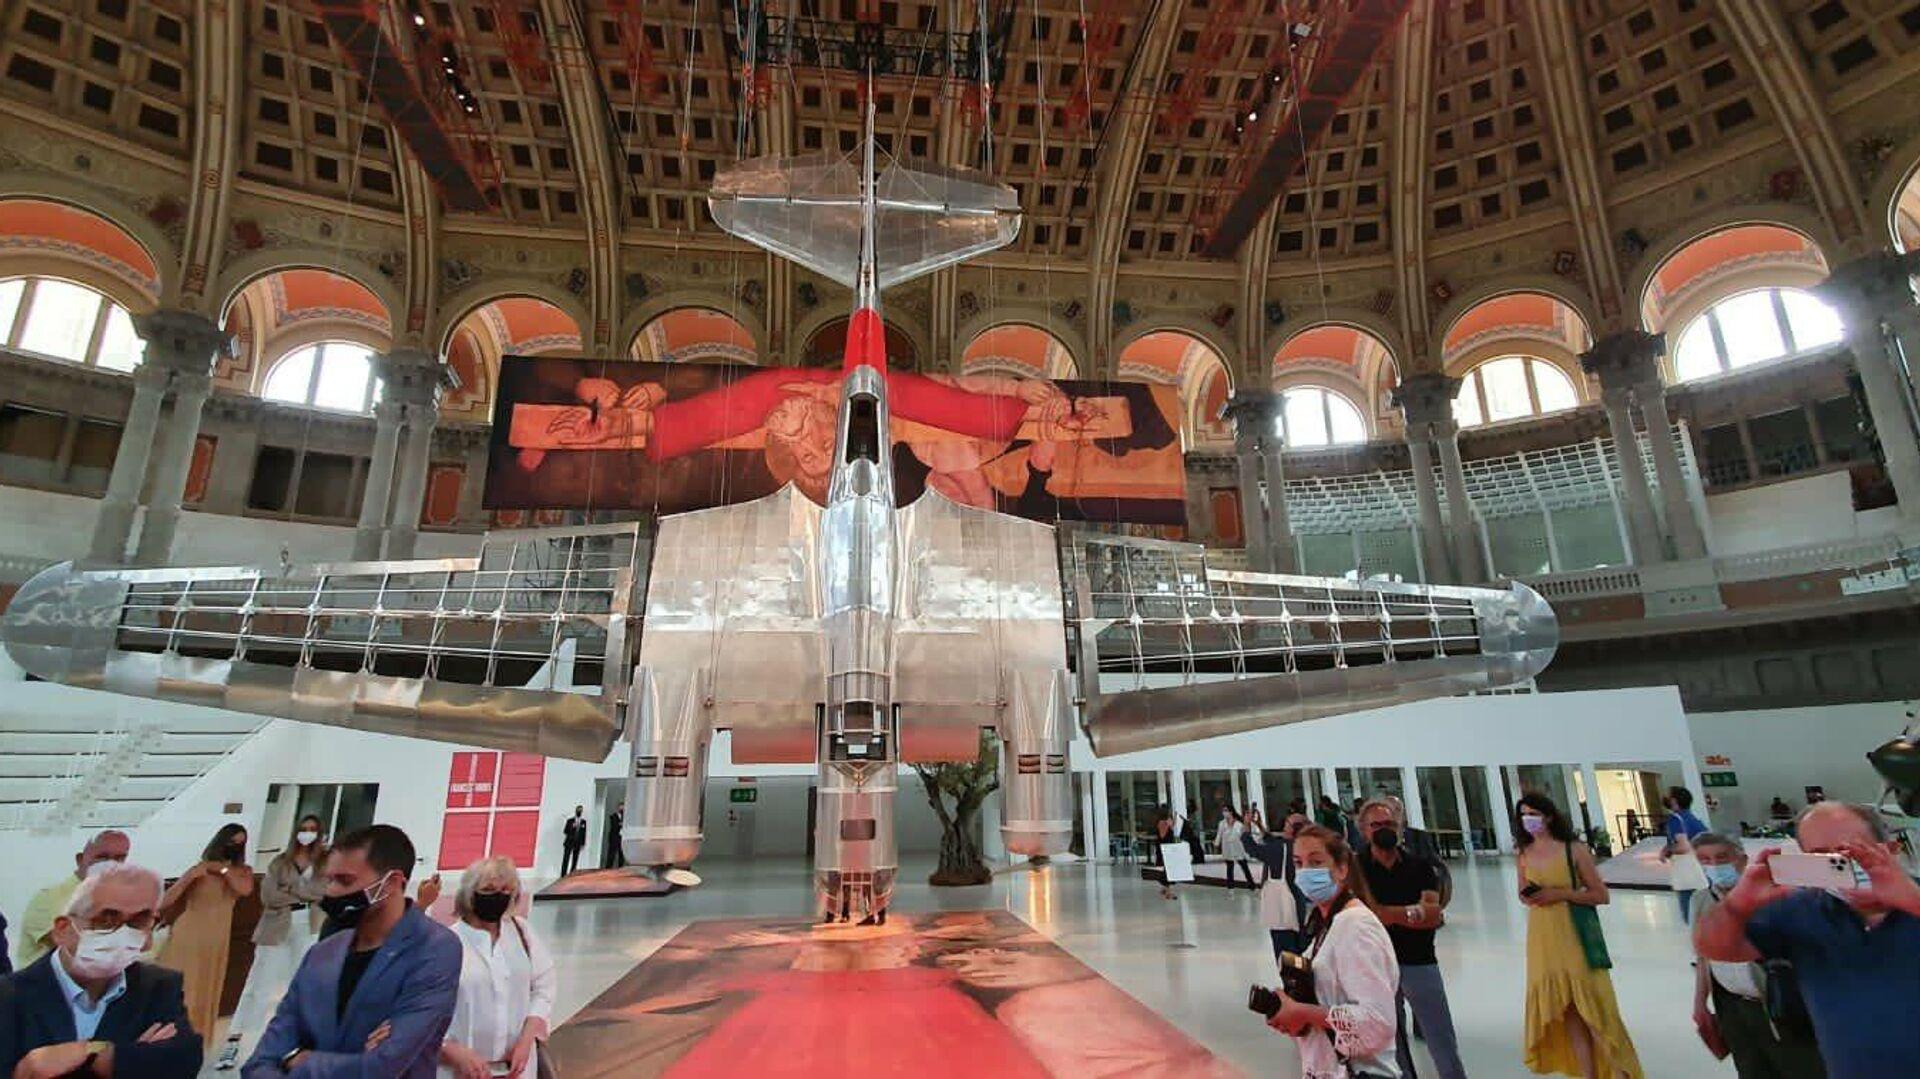 El Museo Nacional de Cataluña expone dos réplicas de aviones soviéticos de la Guerra Civil - Sputnik Mundo, 1920, 18.06.2021